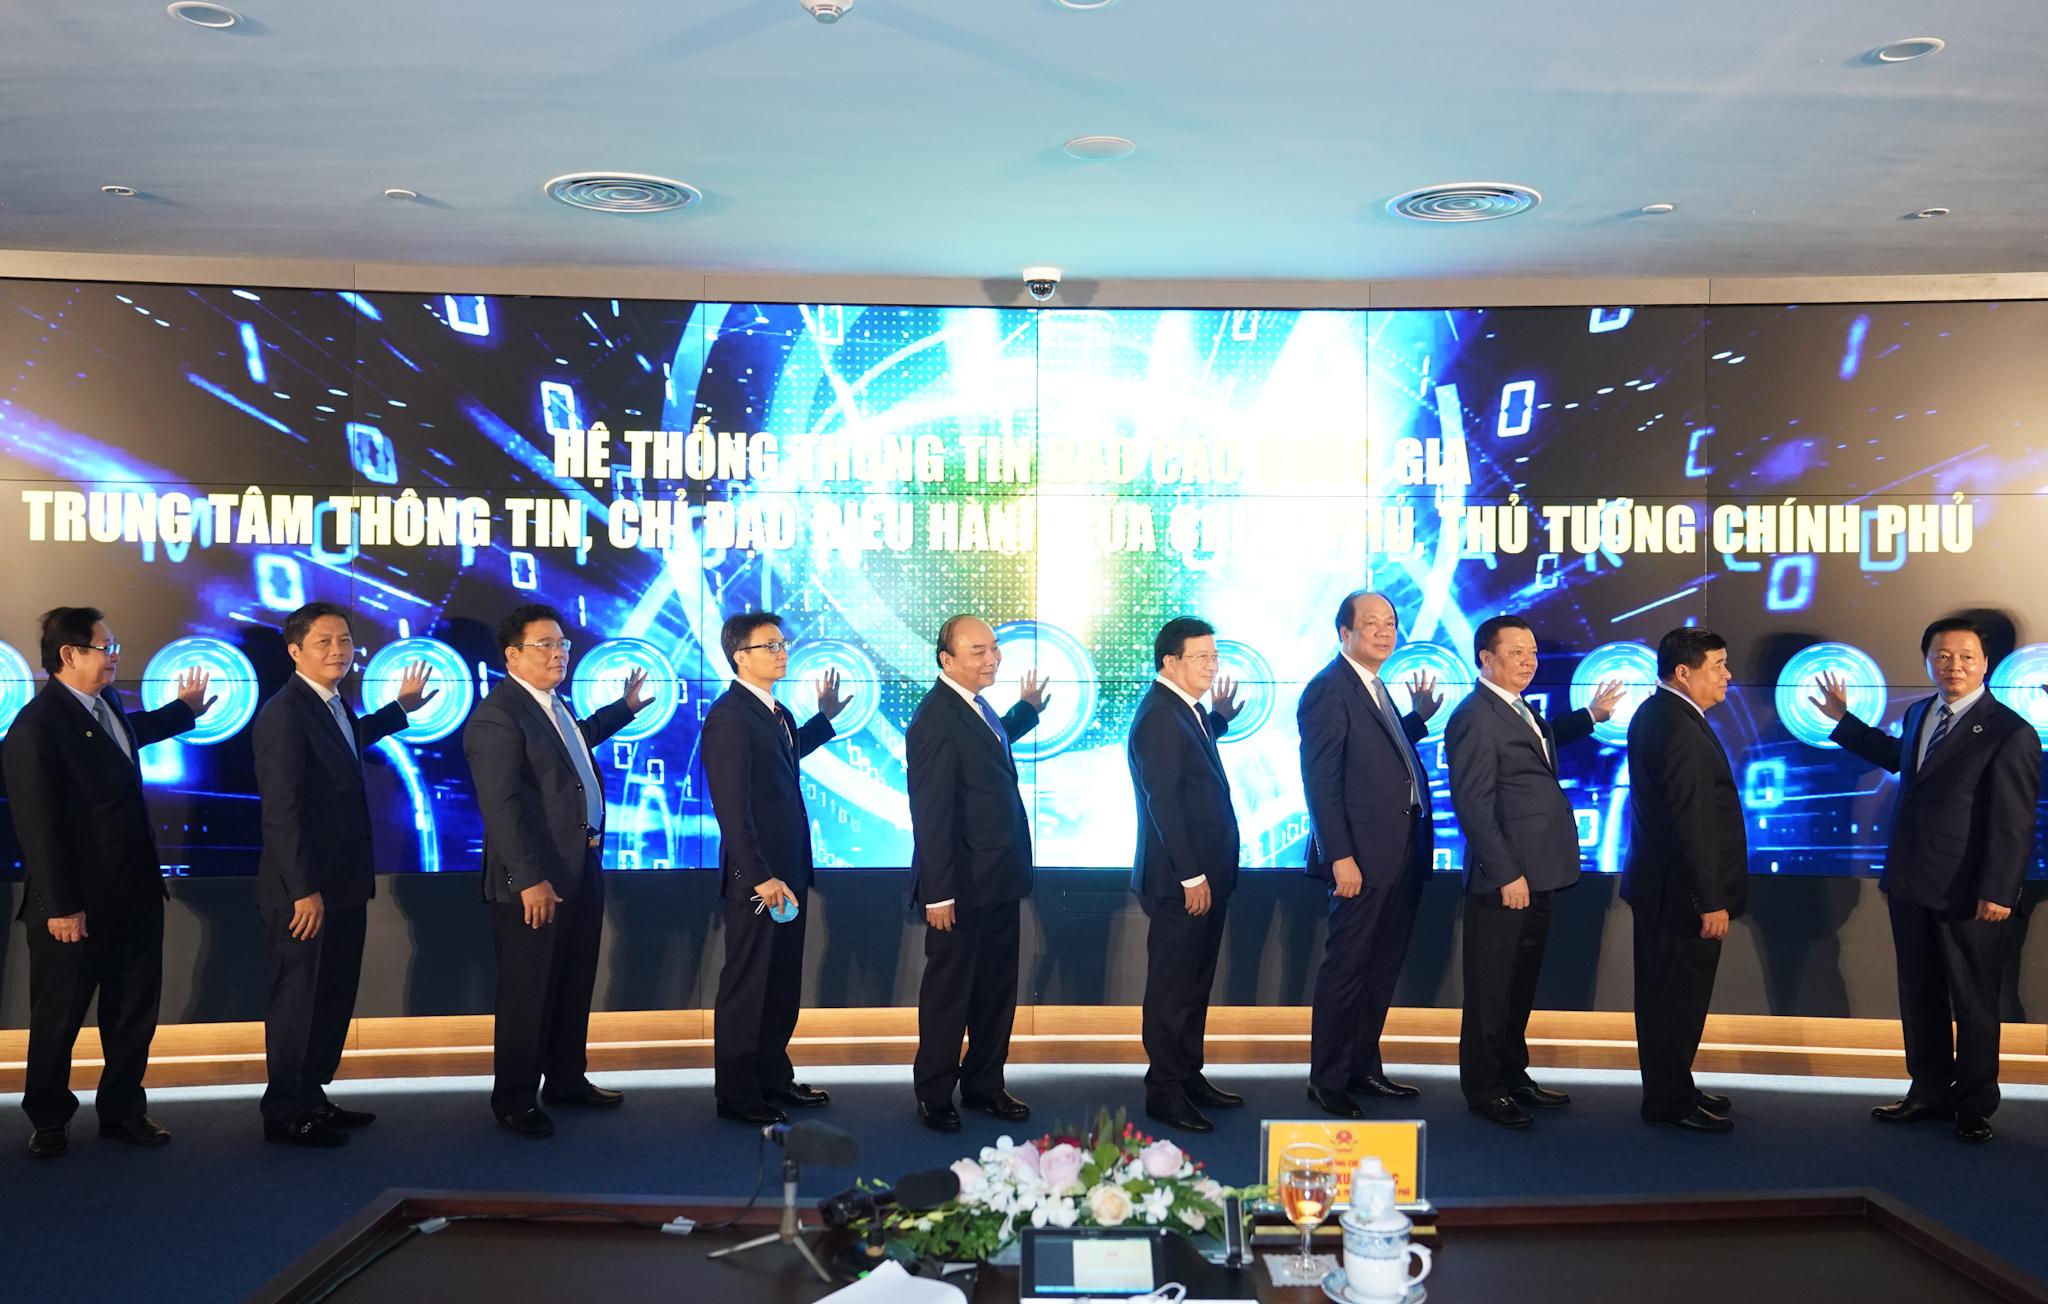 Nghi thức khai trương Hệ thống thông tin báo cáo quốc gia, Trung tâm Thông tin, chỉ đạo điều hành của Chính phủ, Thủ tướng Chính phủ - Ảnh: VGP/Quang Hiếu